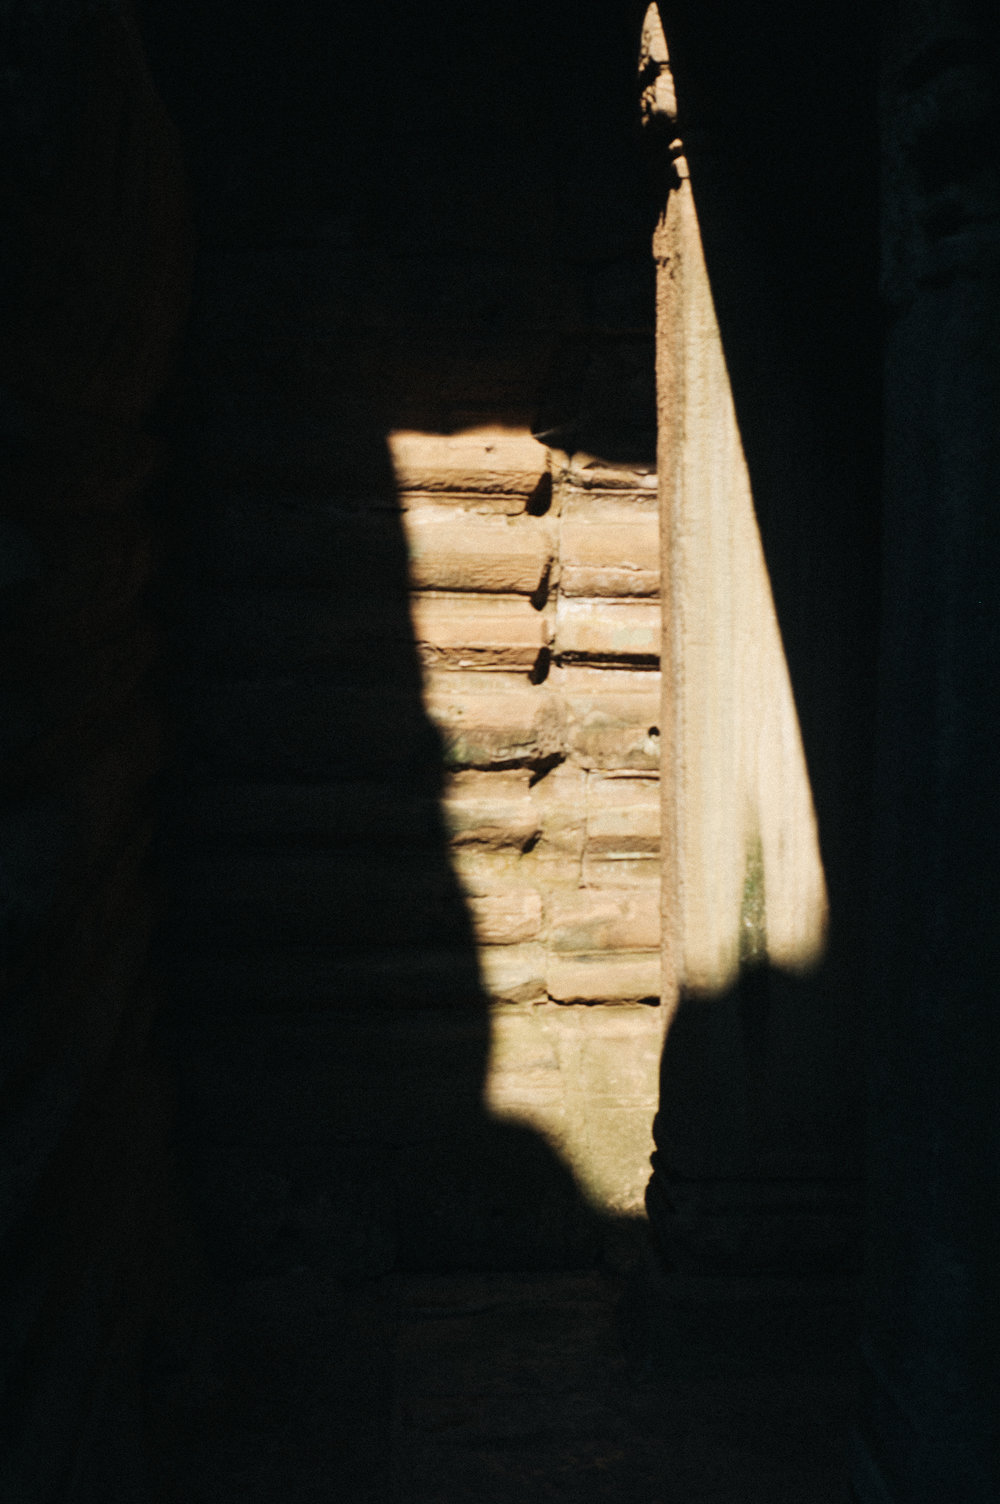 angkor wat temples siem reap (9 of 42).jpg